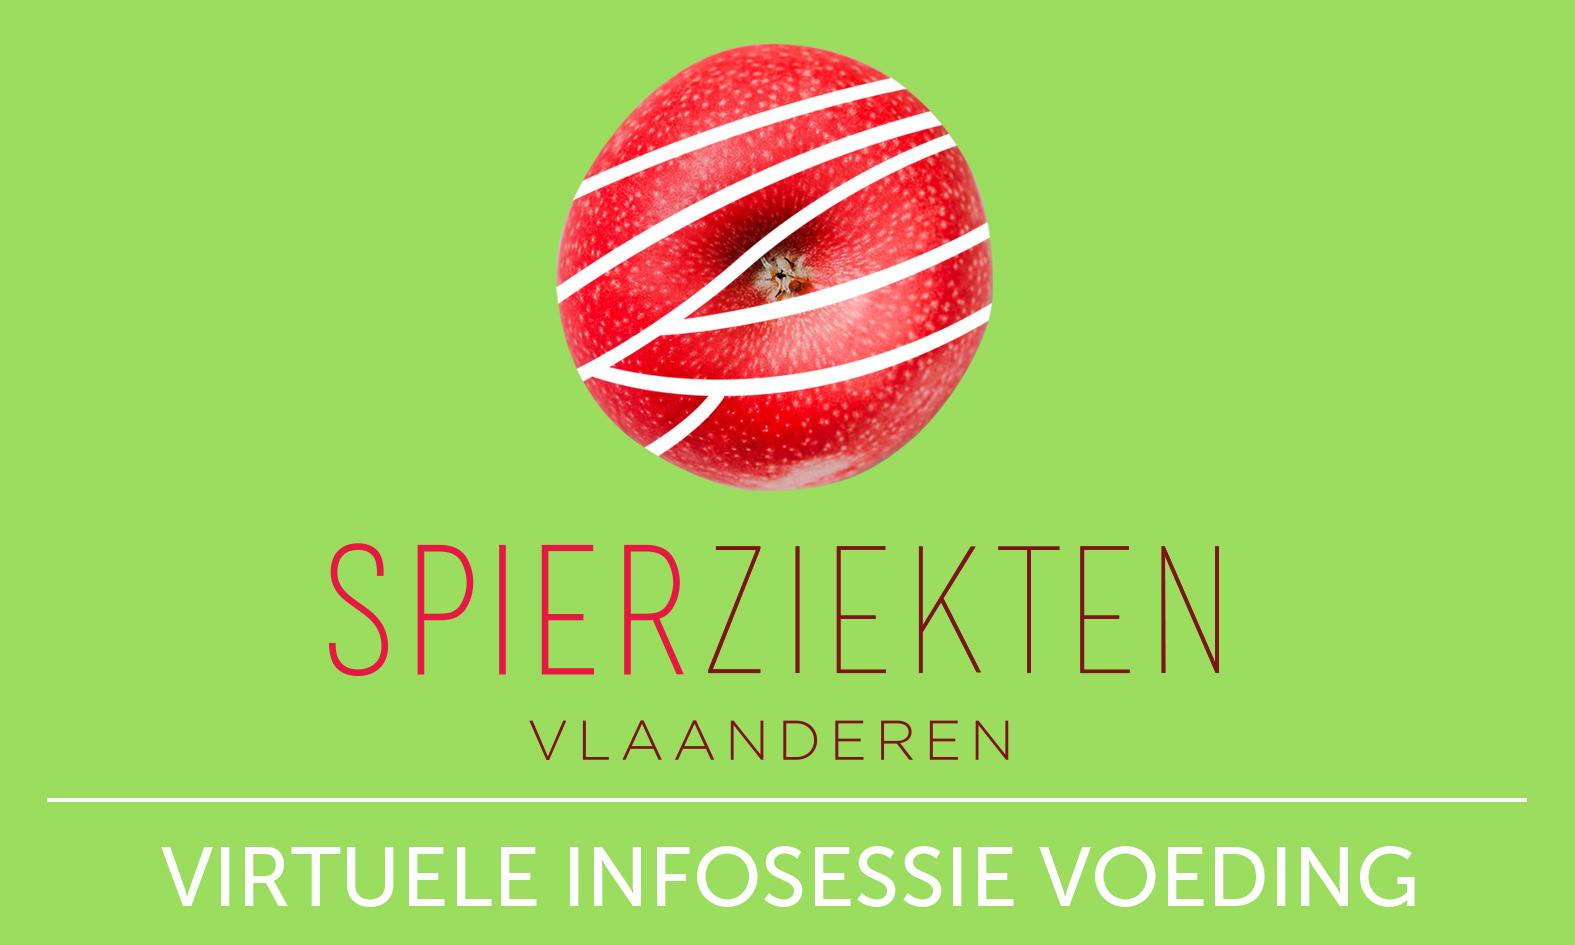 INFOSESSIE-voeding-an_vision-0ySmdv7Eek0-unsplash Virtuele infosessie rond voeding bij spierziekten